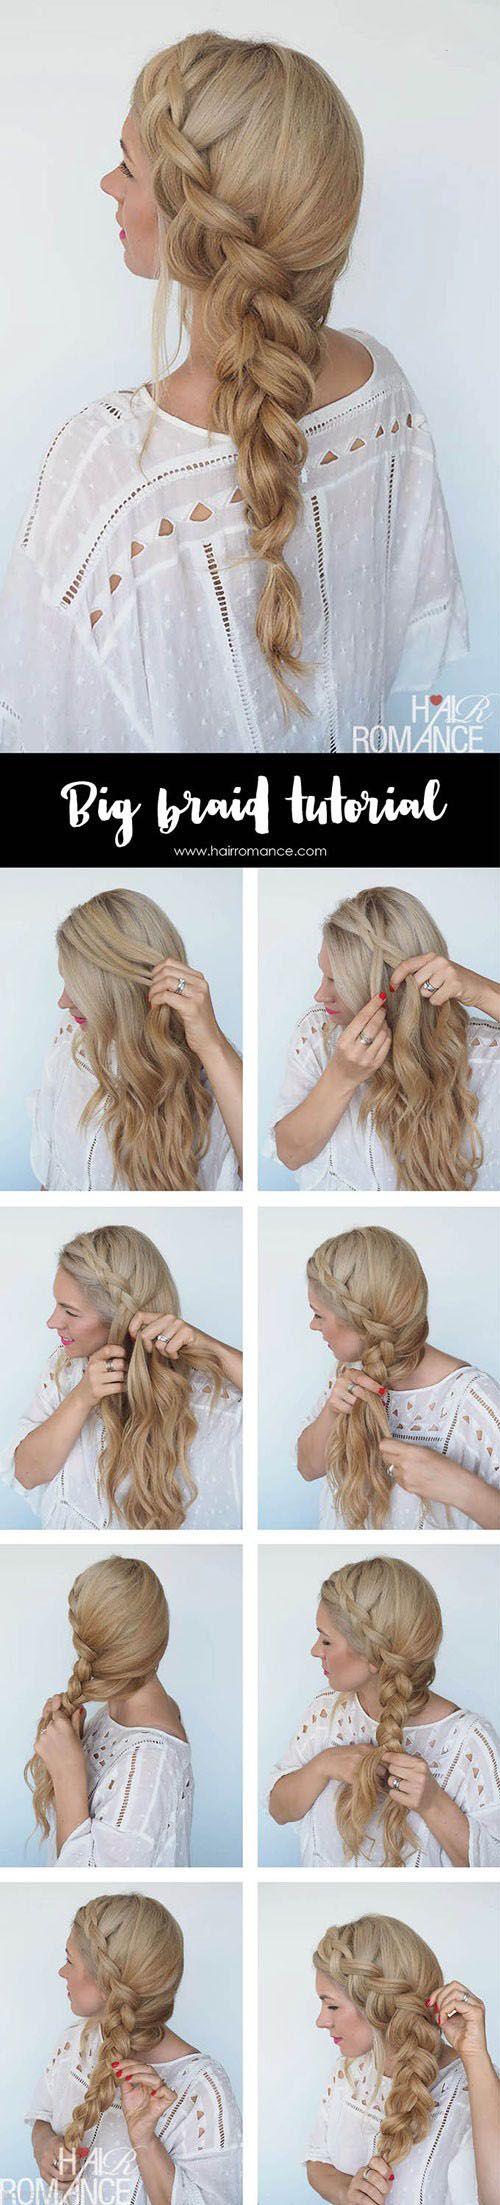 عکس های آموزش بافت مدل مو زیبا تصویری